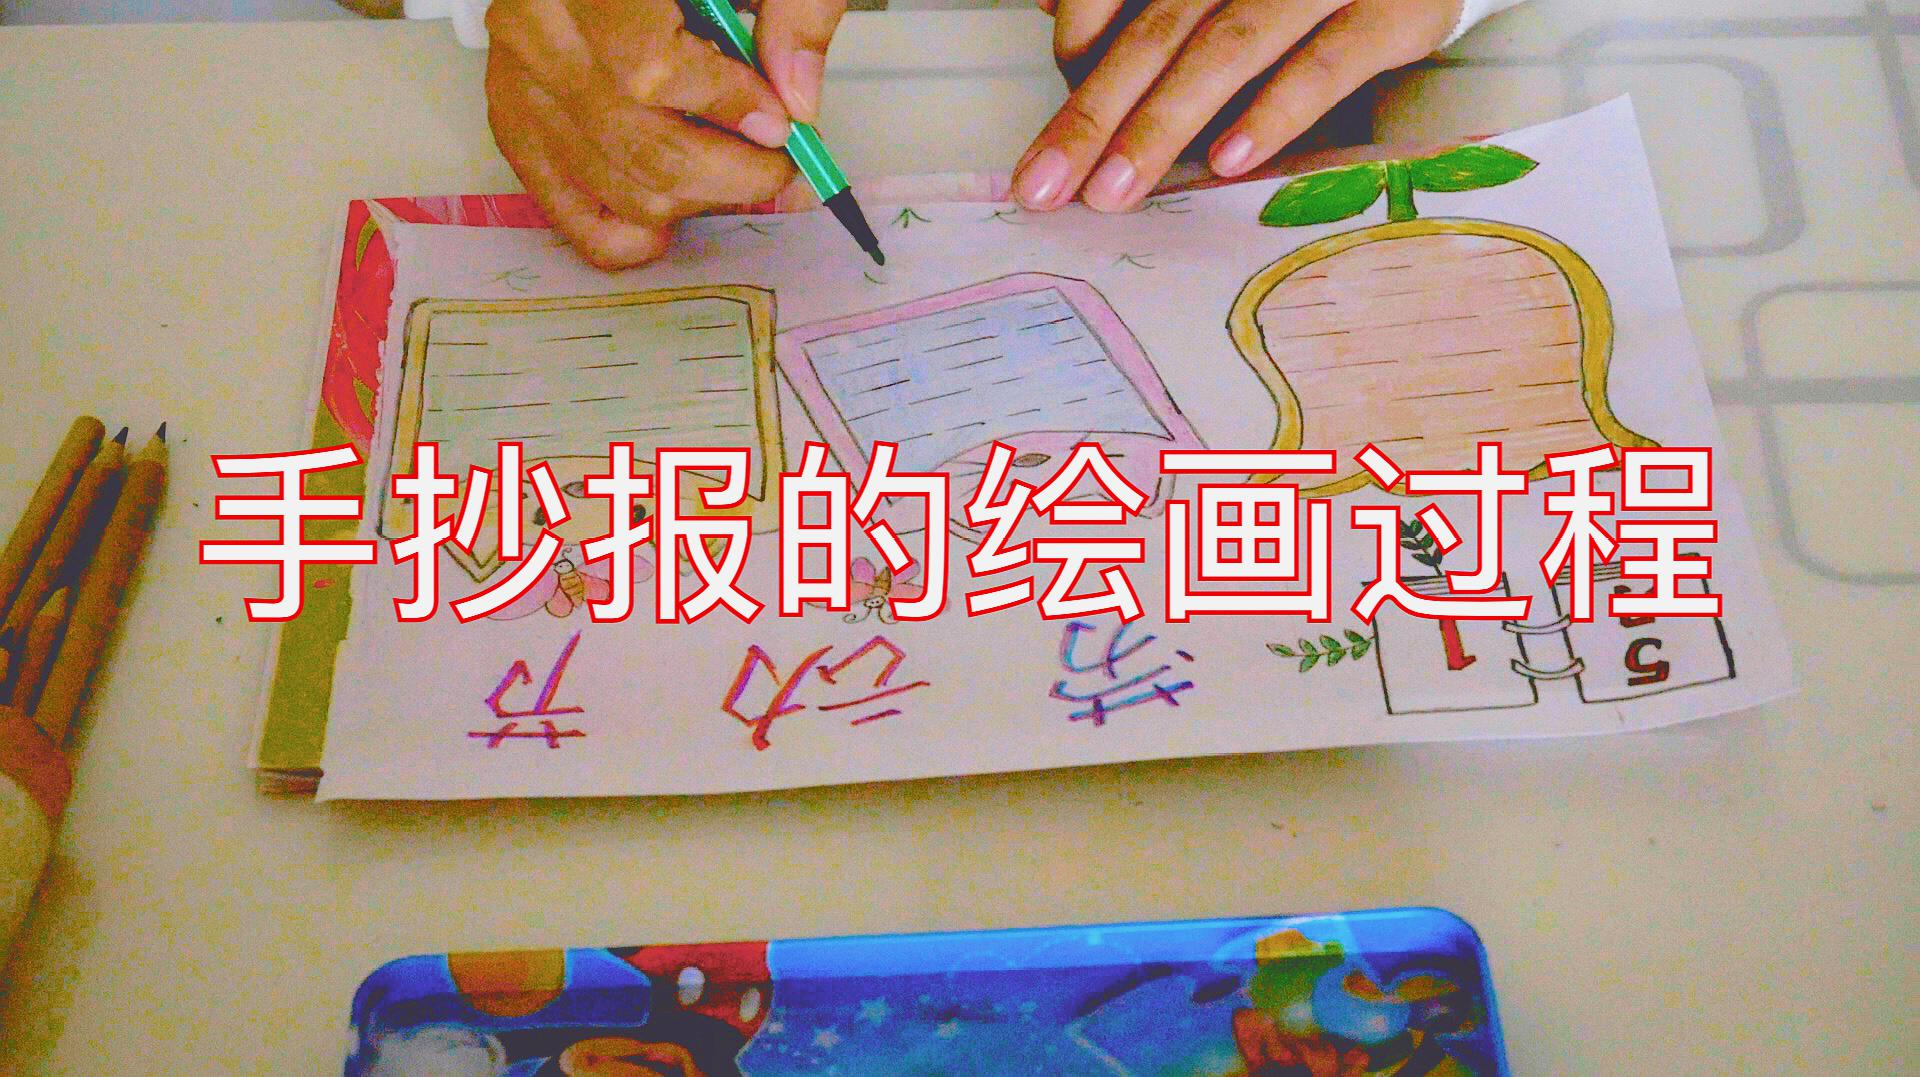 不用发愁作业了  04:42  好看视频 小学生五一劳动节手抄报的绘画过程